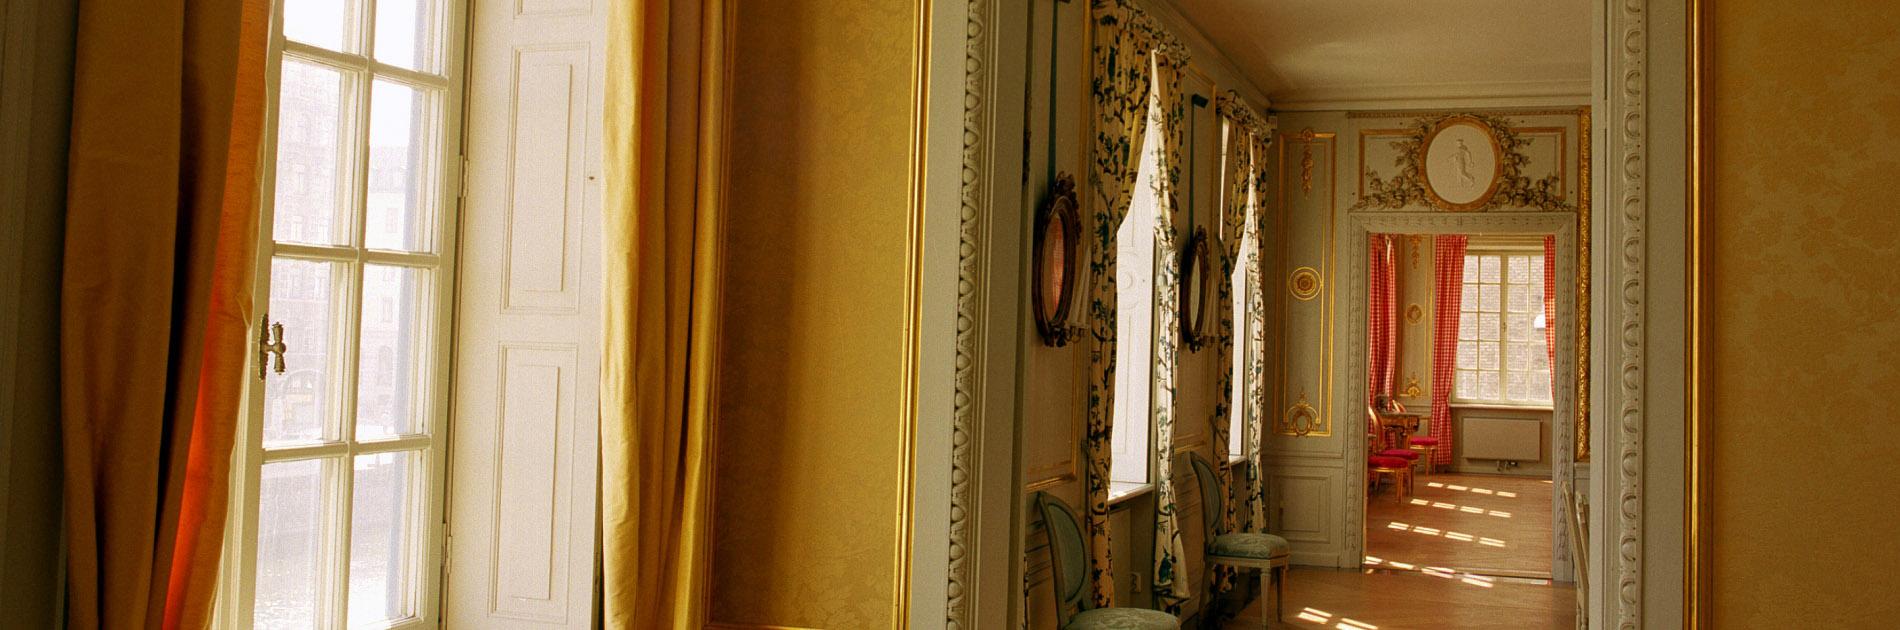 Bild på den påkostade och äldre interiören i Sahlgrenska Huset.